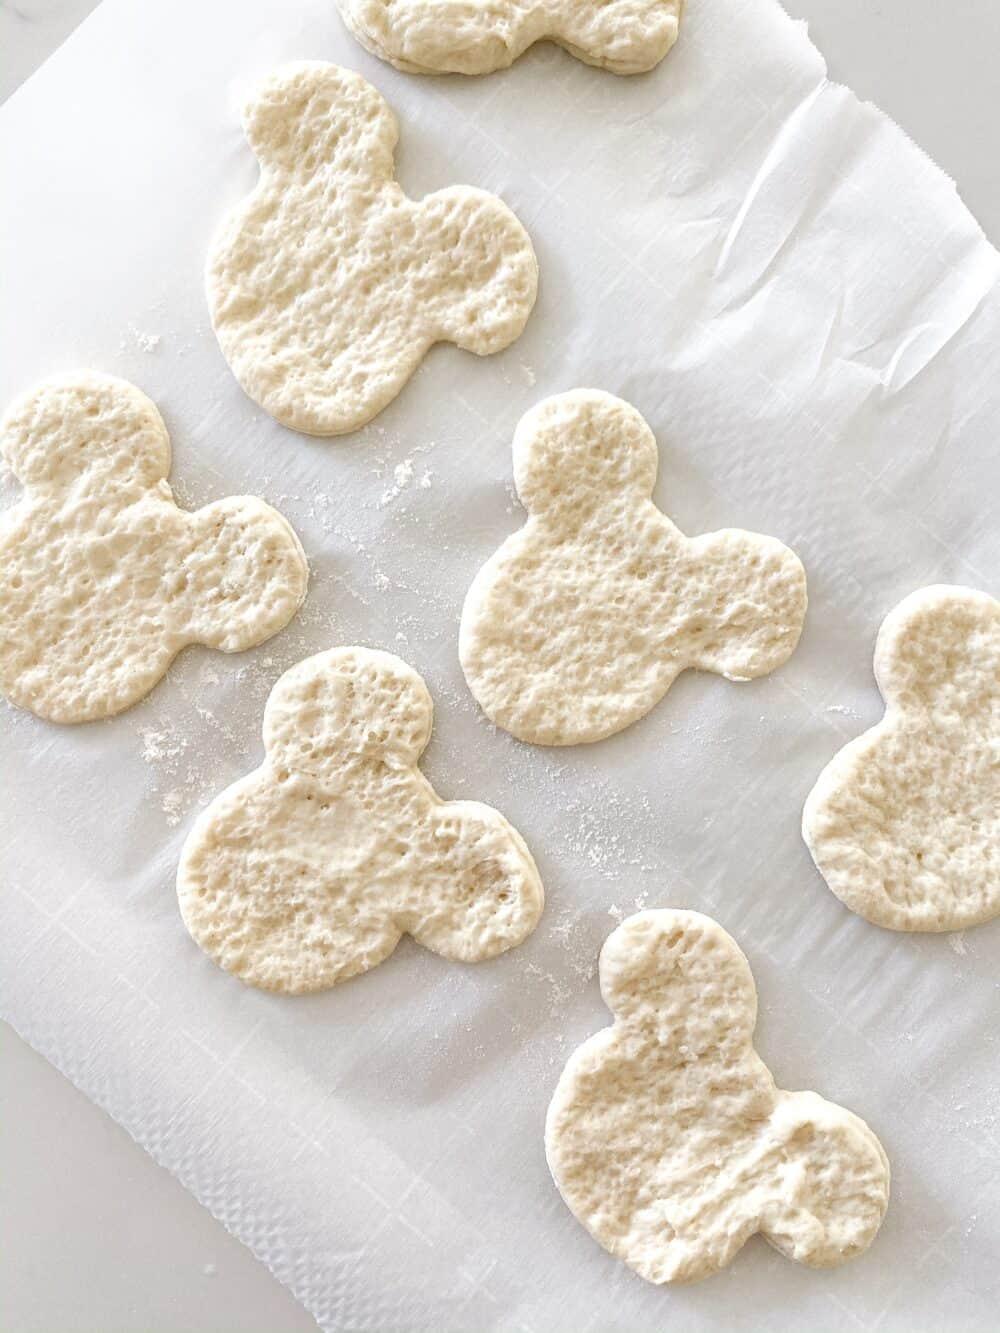 beignets recipe easy